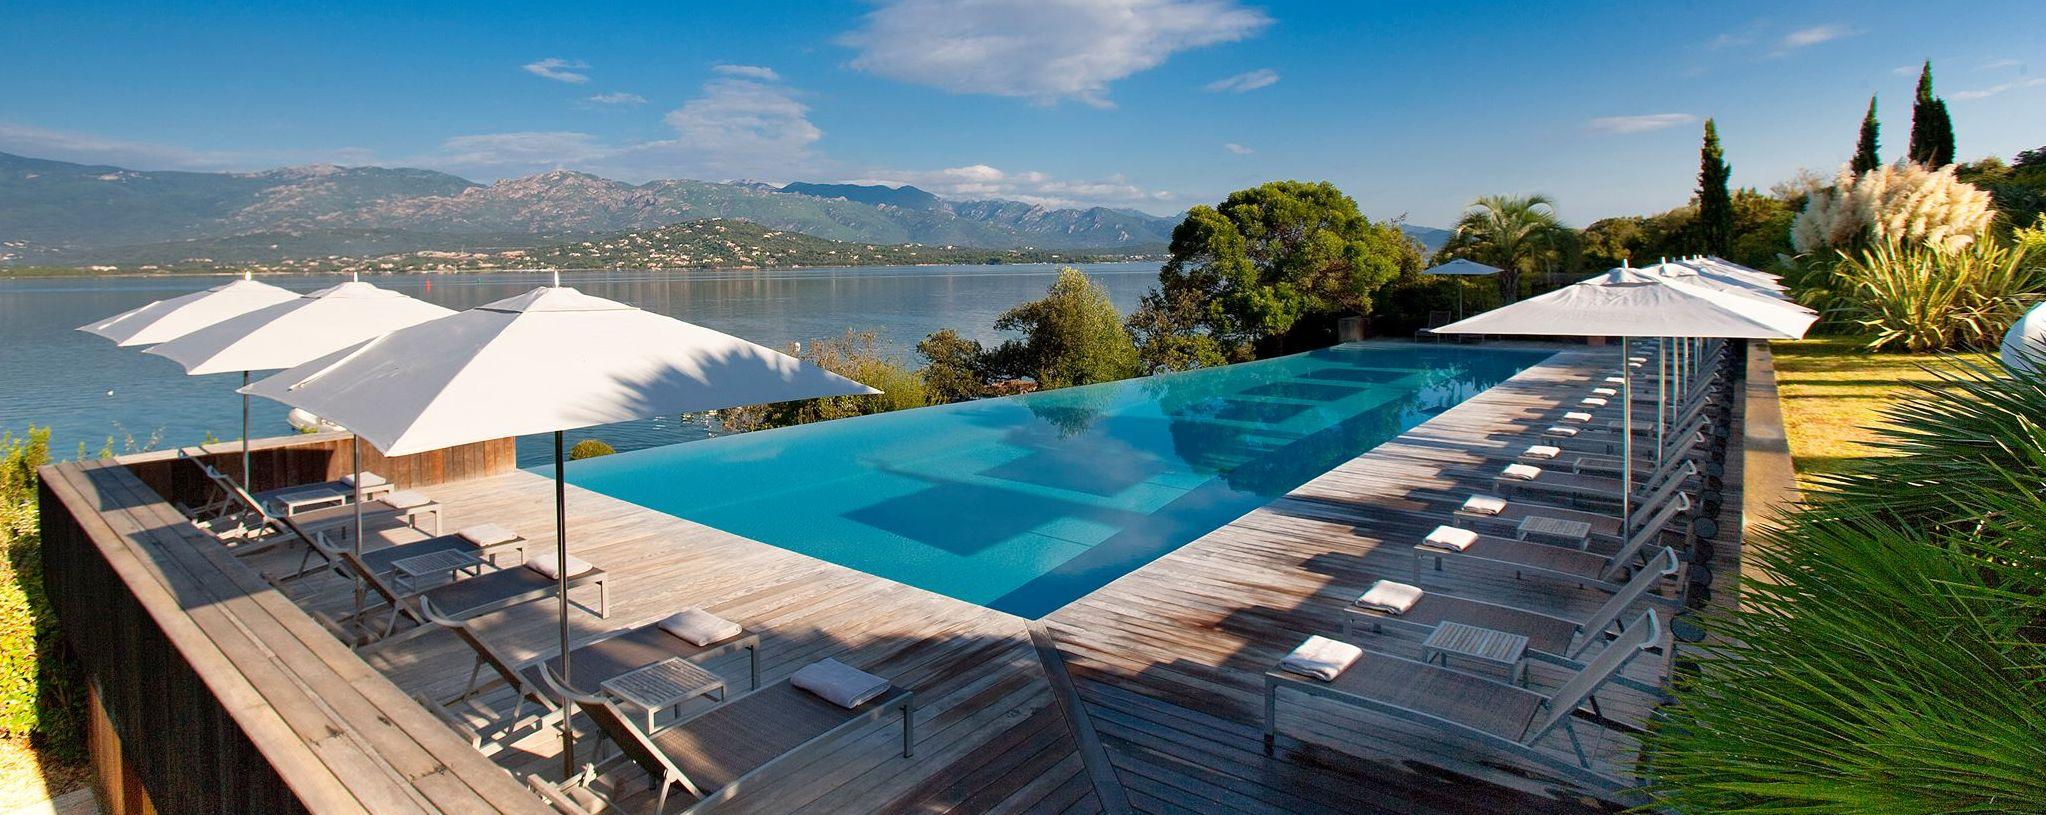 hotel-casadelmar-corsica-pool